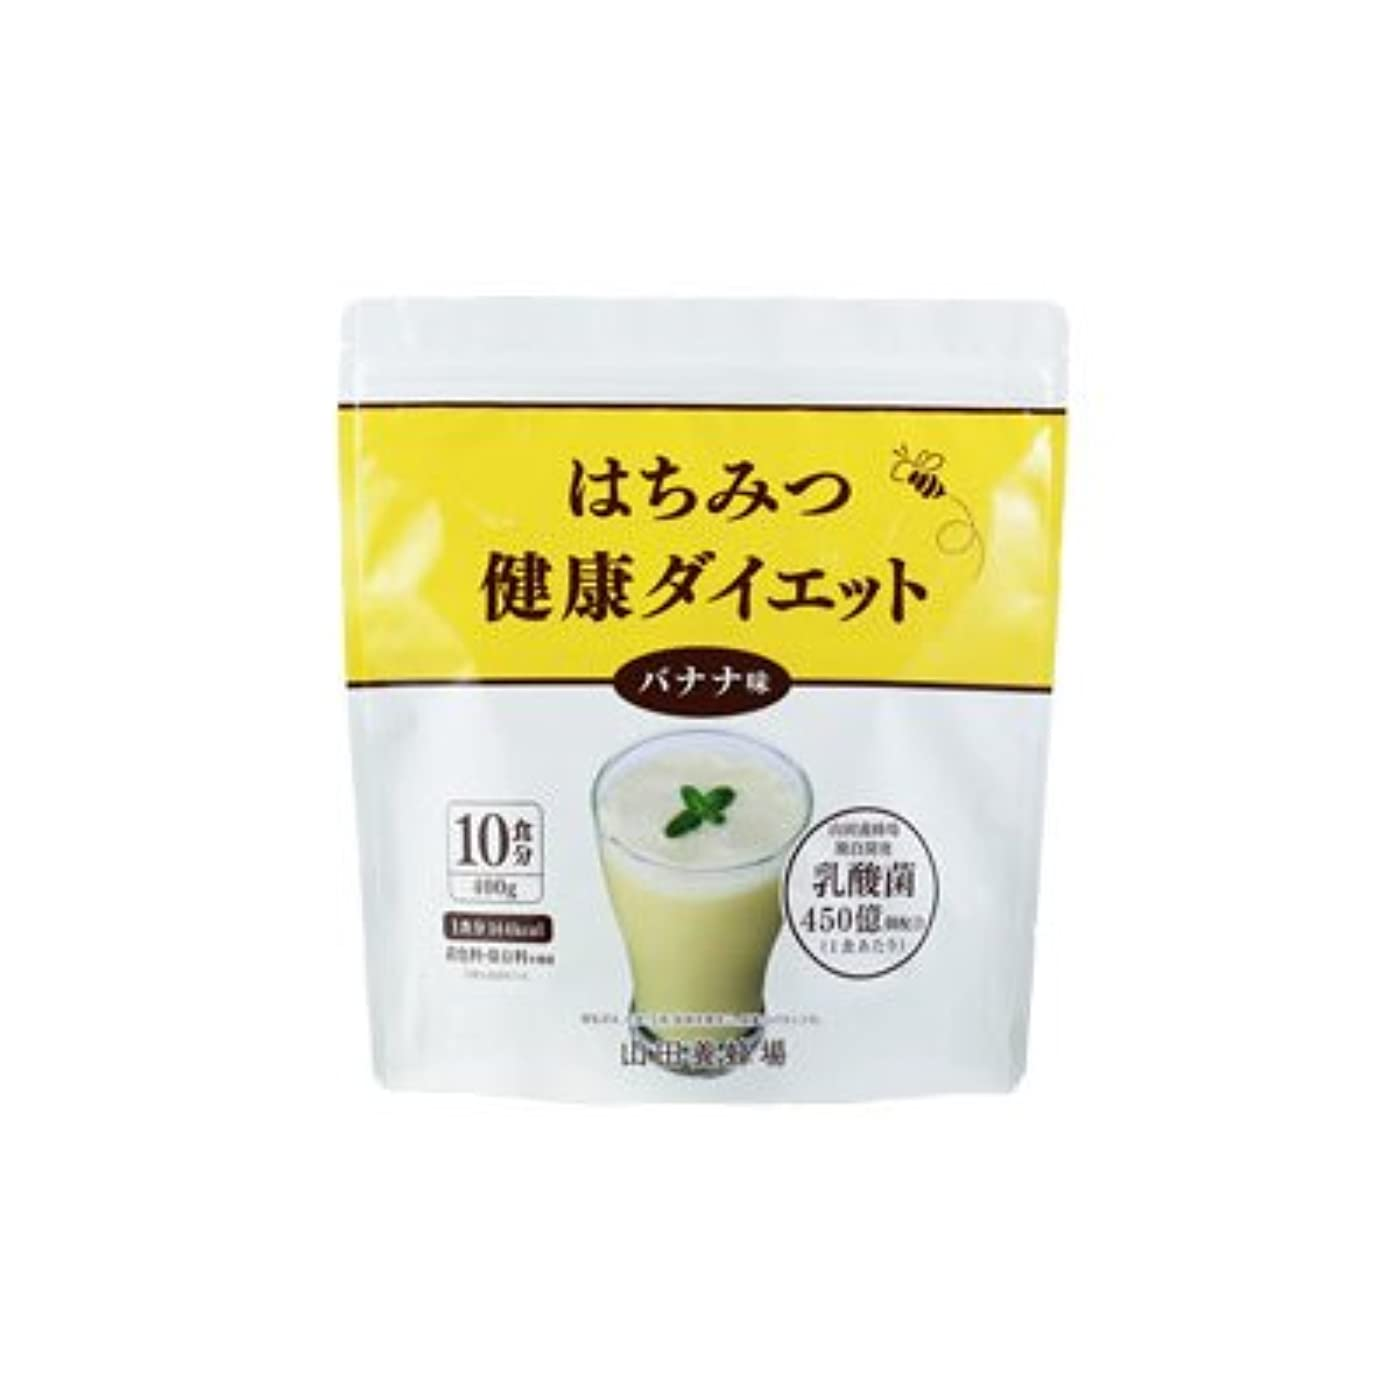 ダイエット開示する優れたはちみつ健康ダイエット 【バナナ味】400g(10食分)